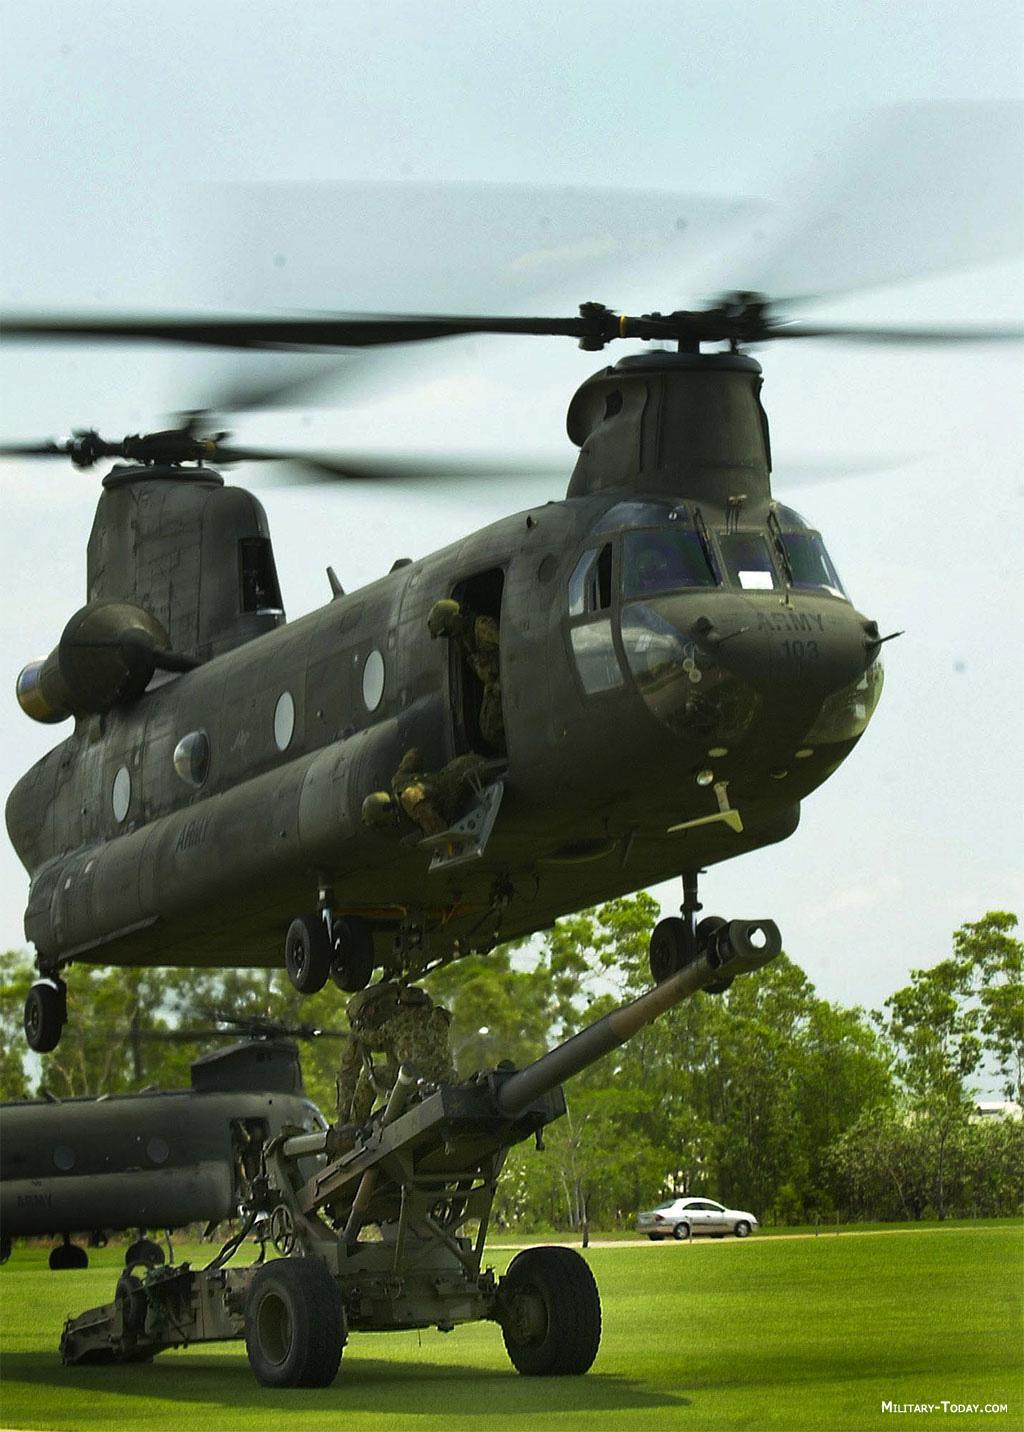 американские военные вертолеты